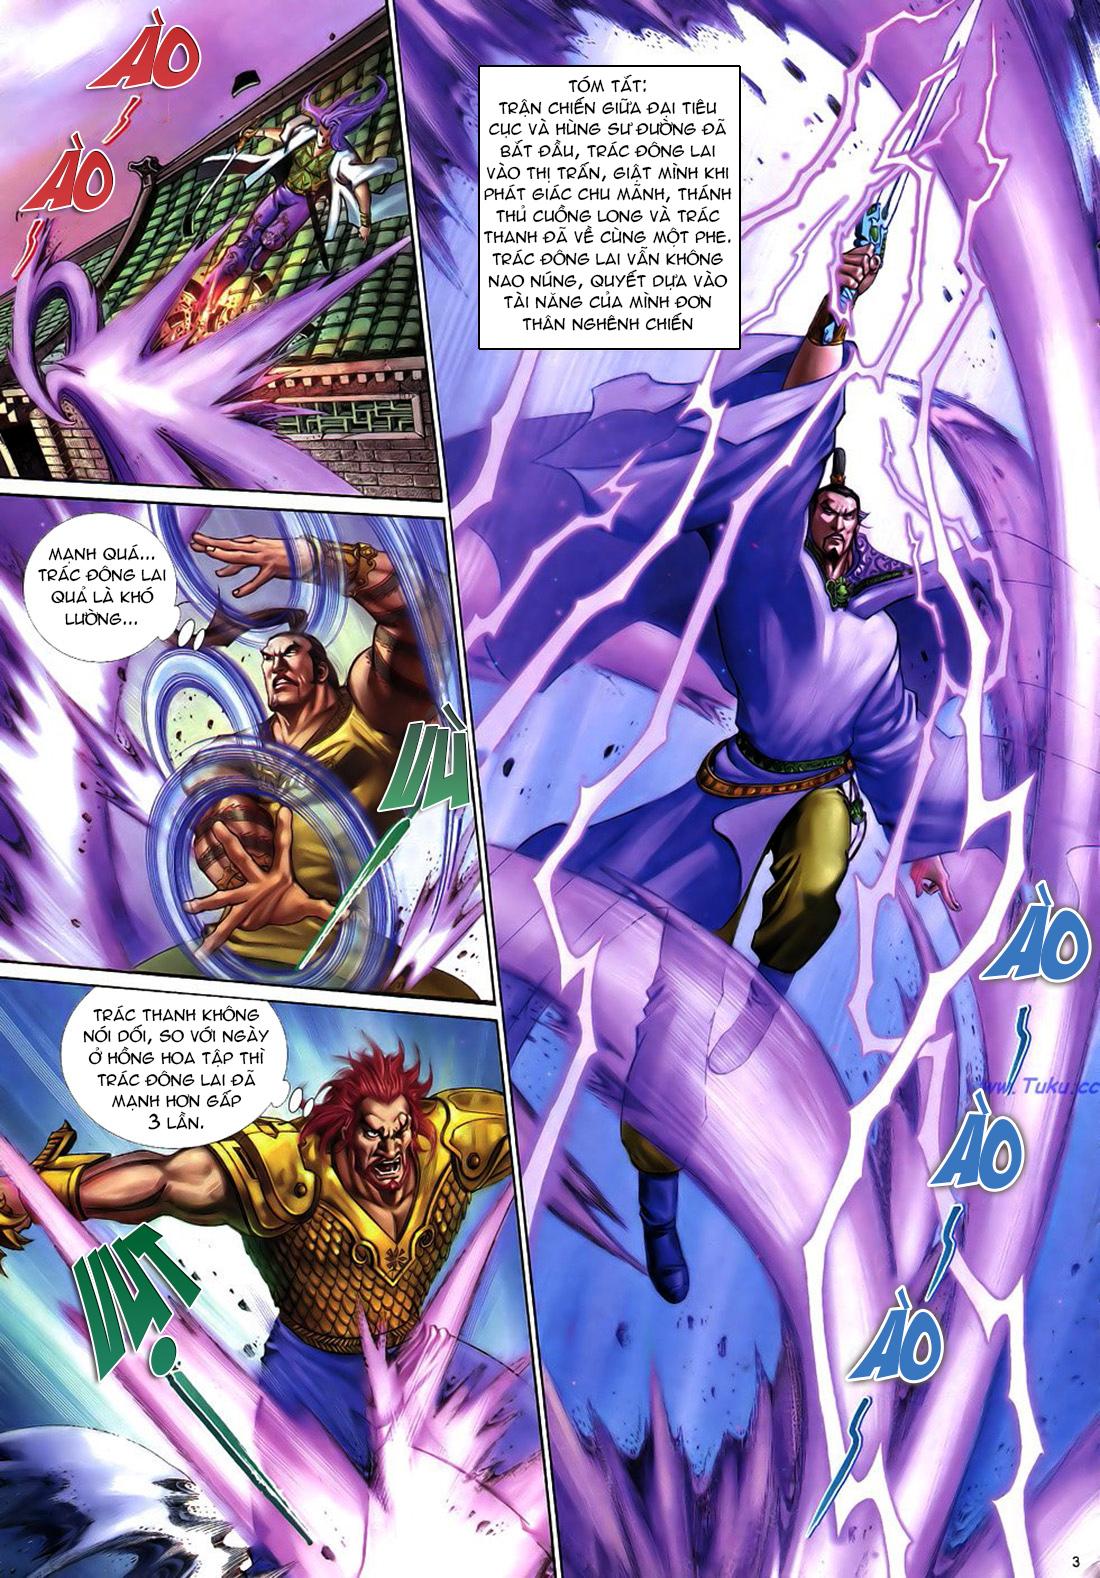 Anh hùng vô lệ Chap 22 trang 4